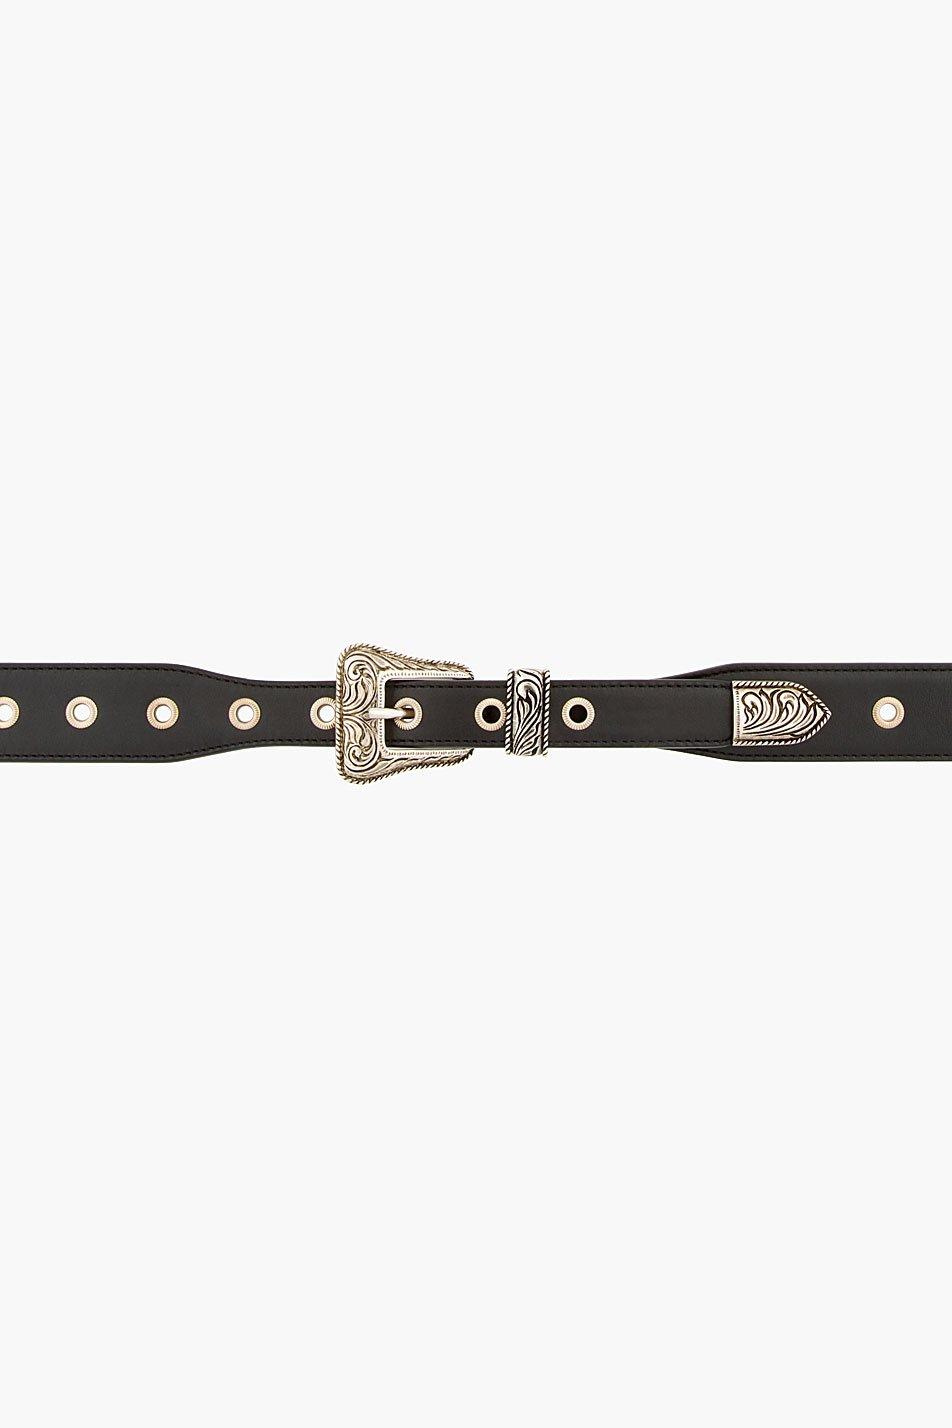 Saint laurent black western detail leather belt